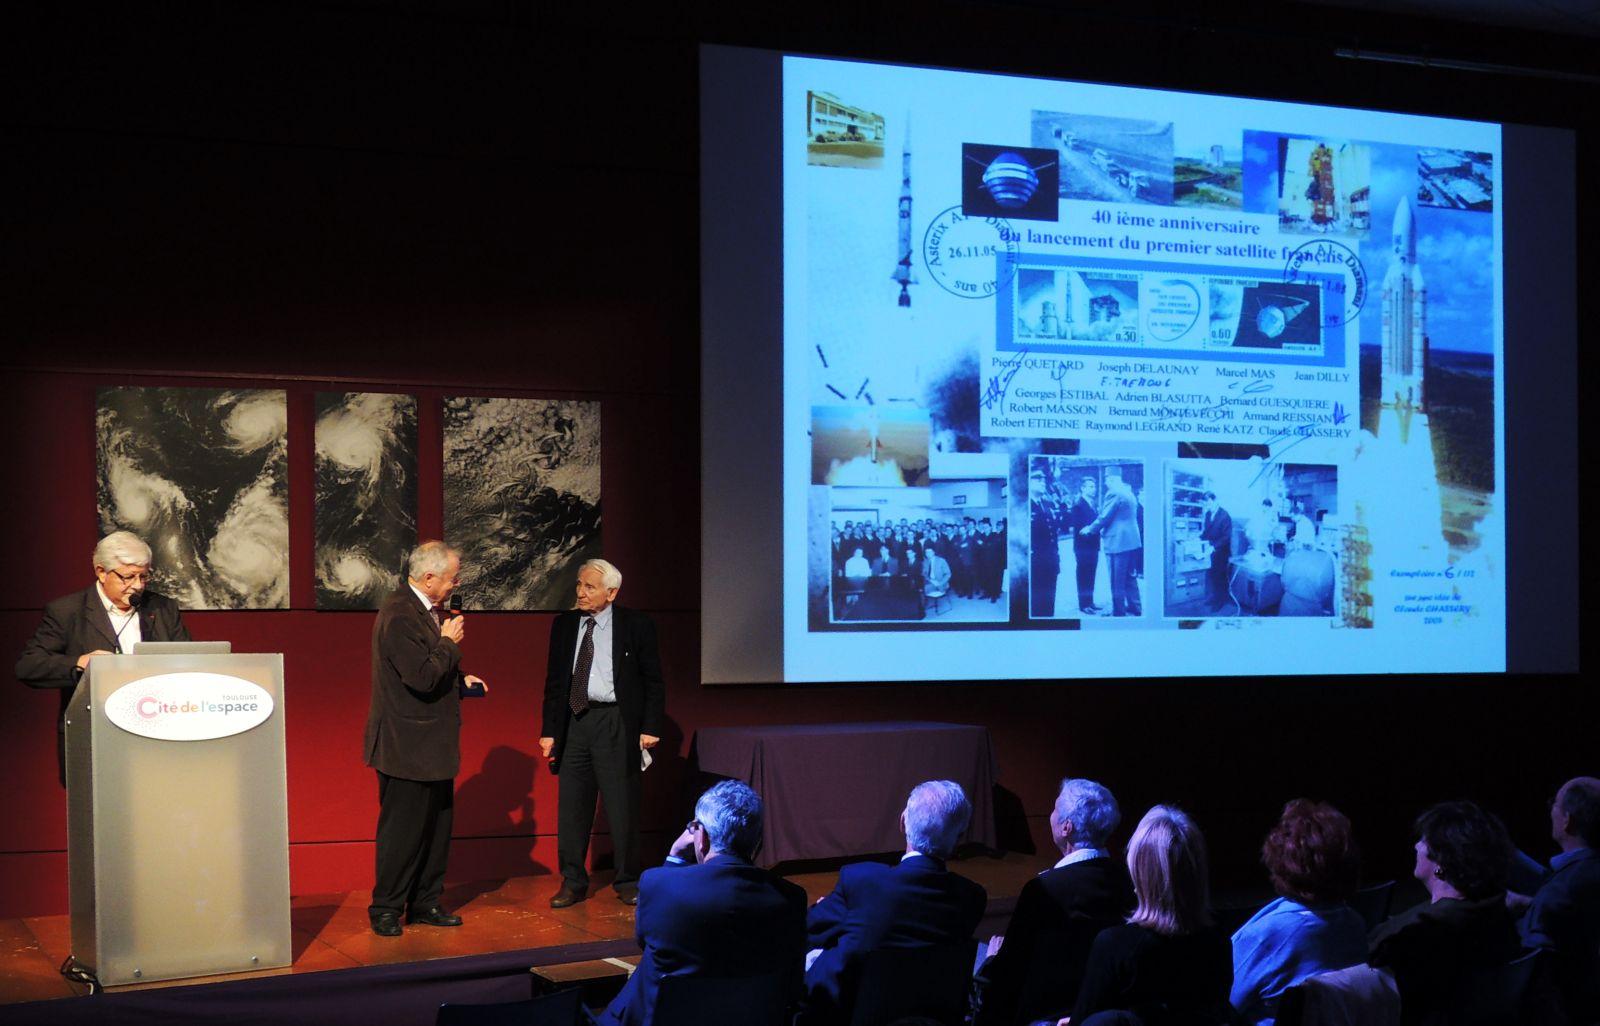 Prix des amis de la cité de l'espace - 2015 - Pierre quétard - Matra- ANSTJ - Planète Sciences - Astérix